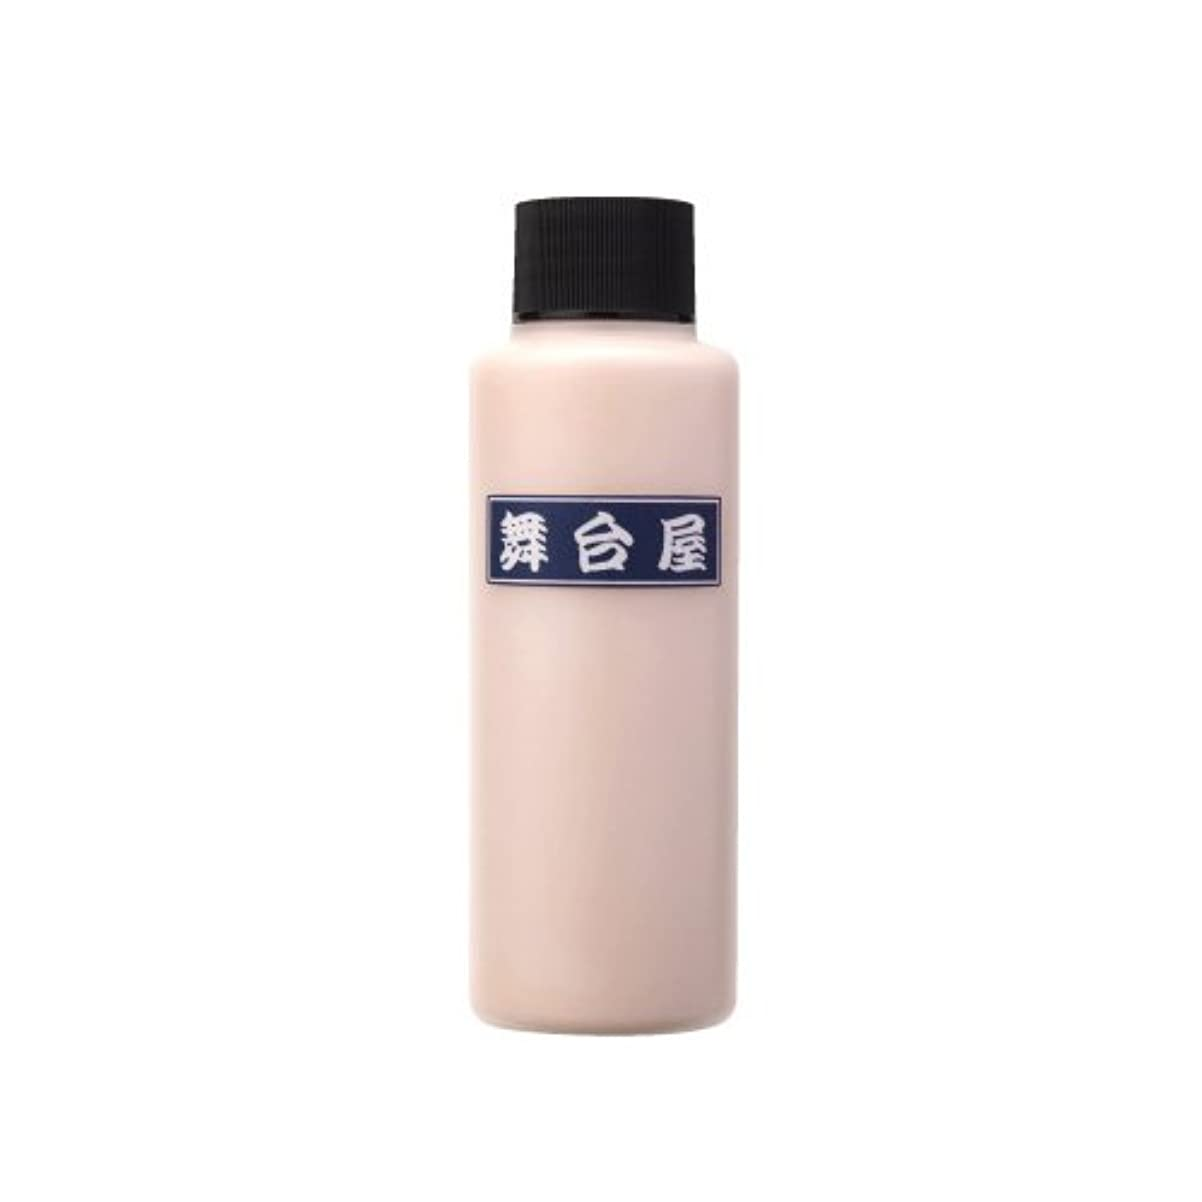 スーツケース意図メッセージ舞台屋 水白粉 ピンク-3